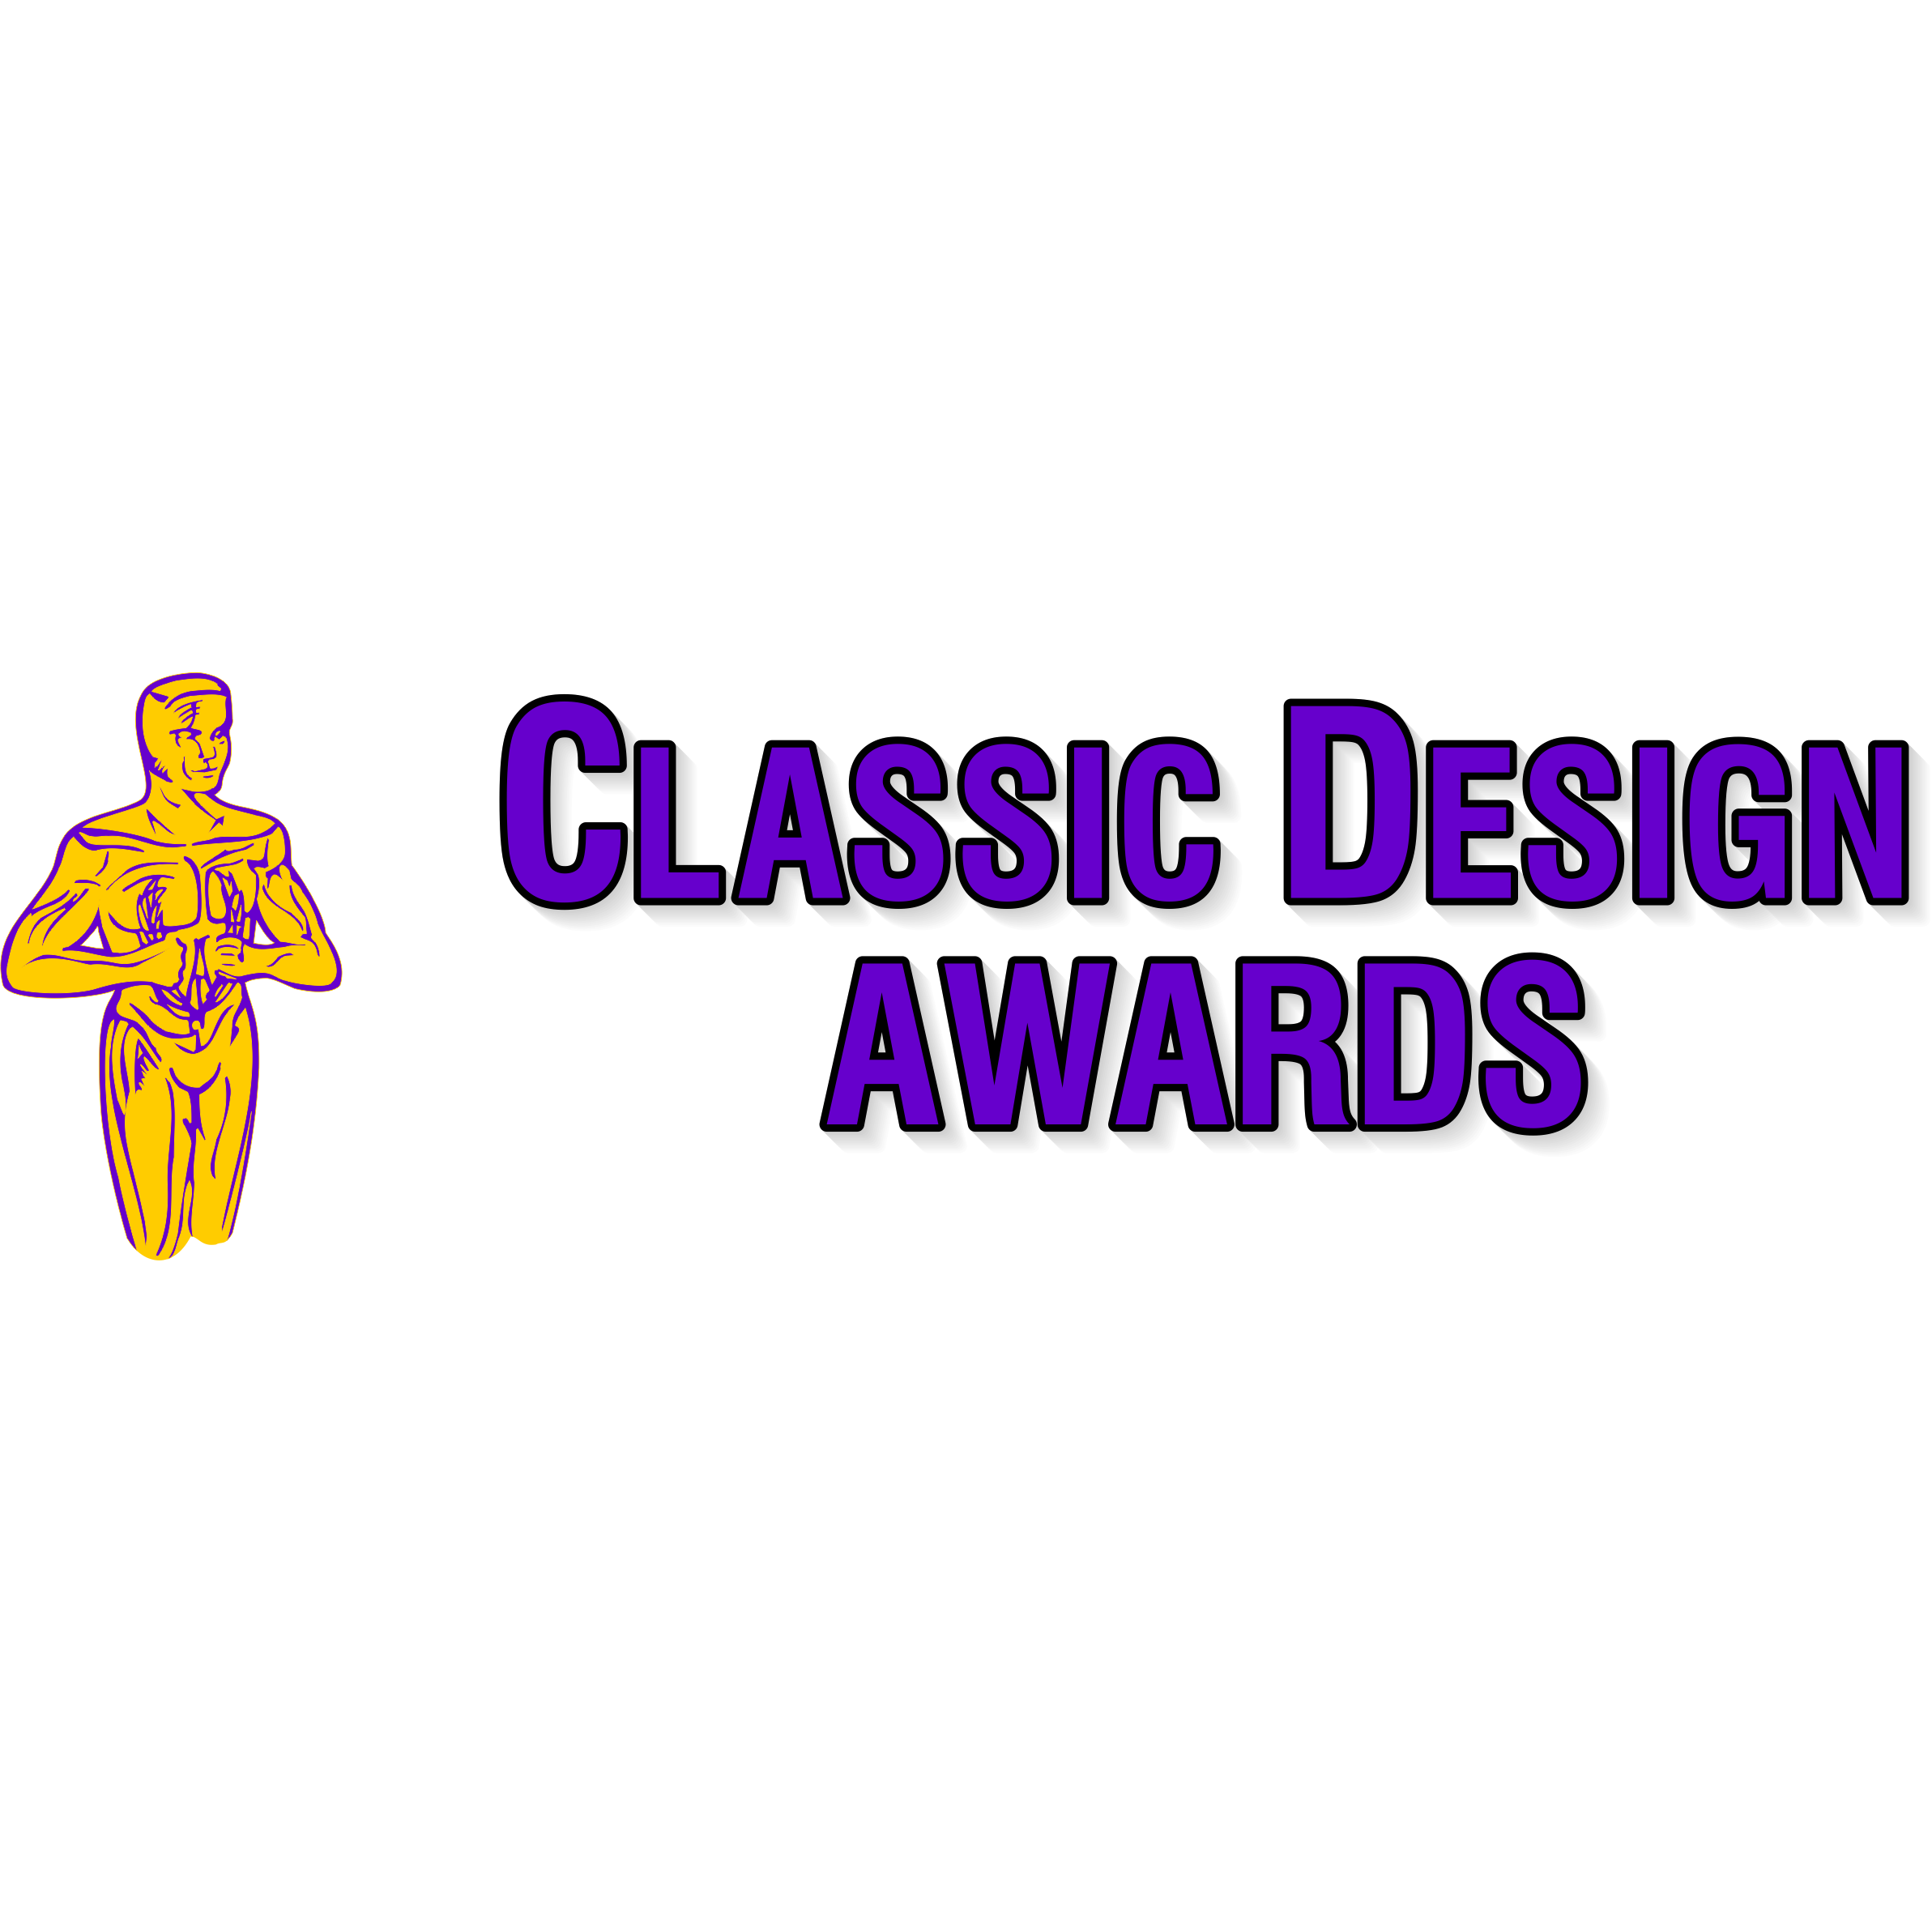 Classic Design Awards Inc